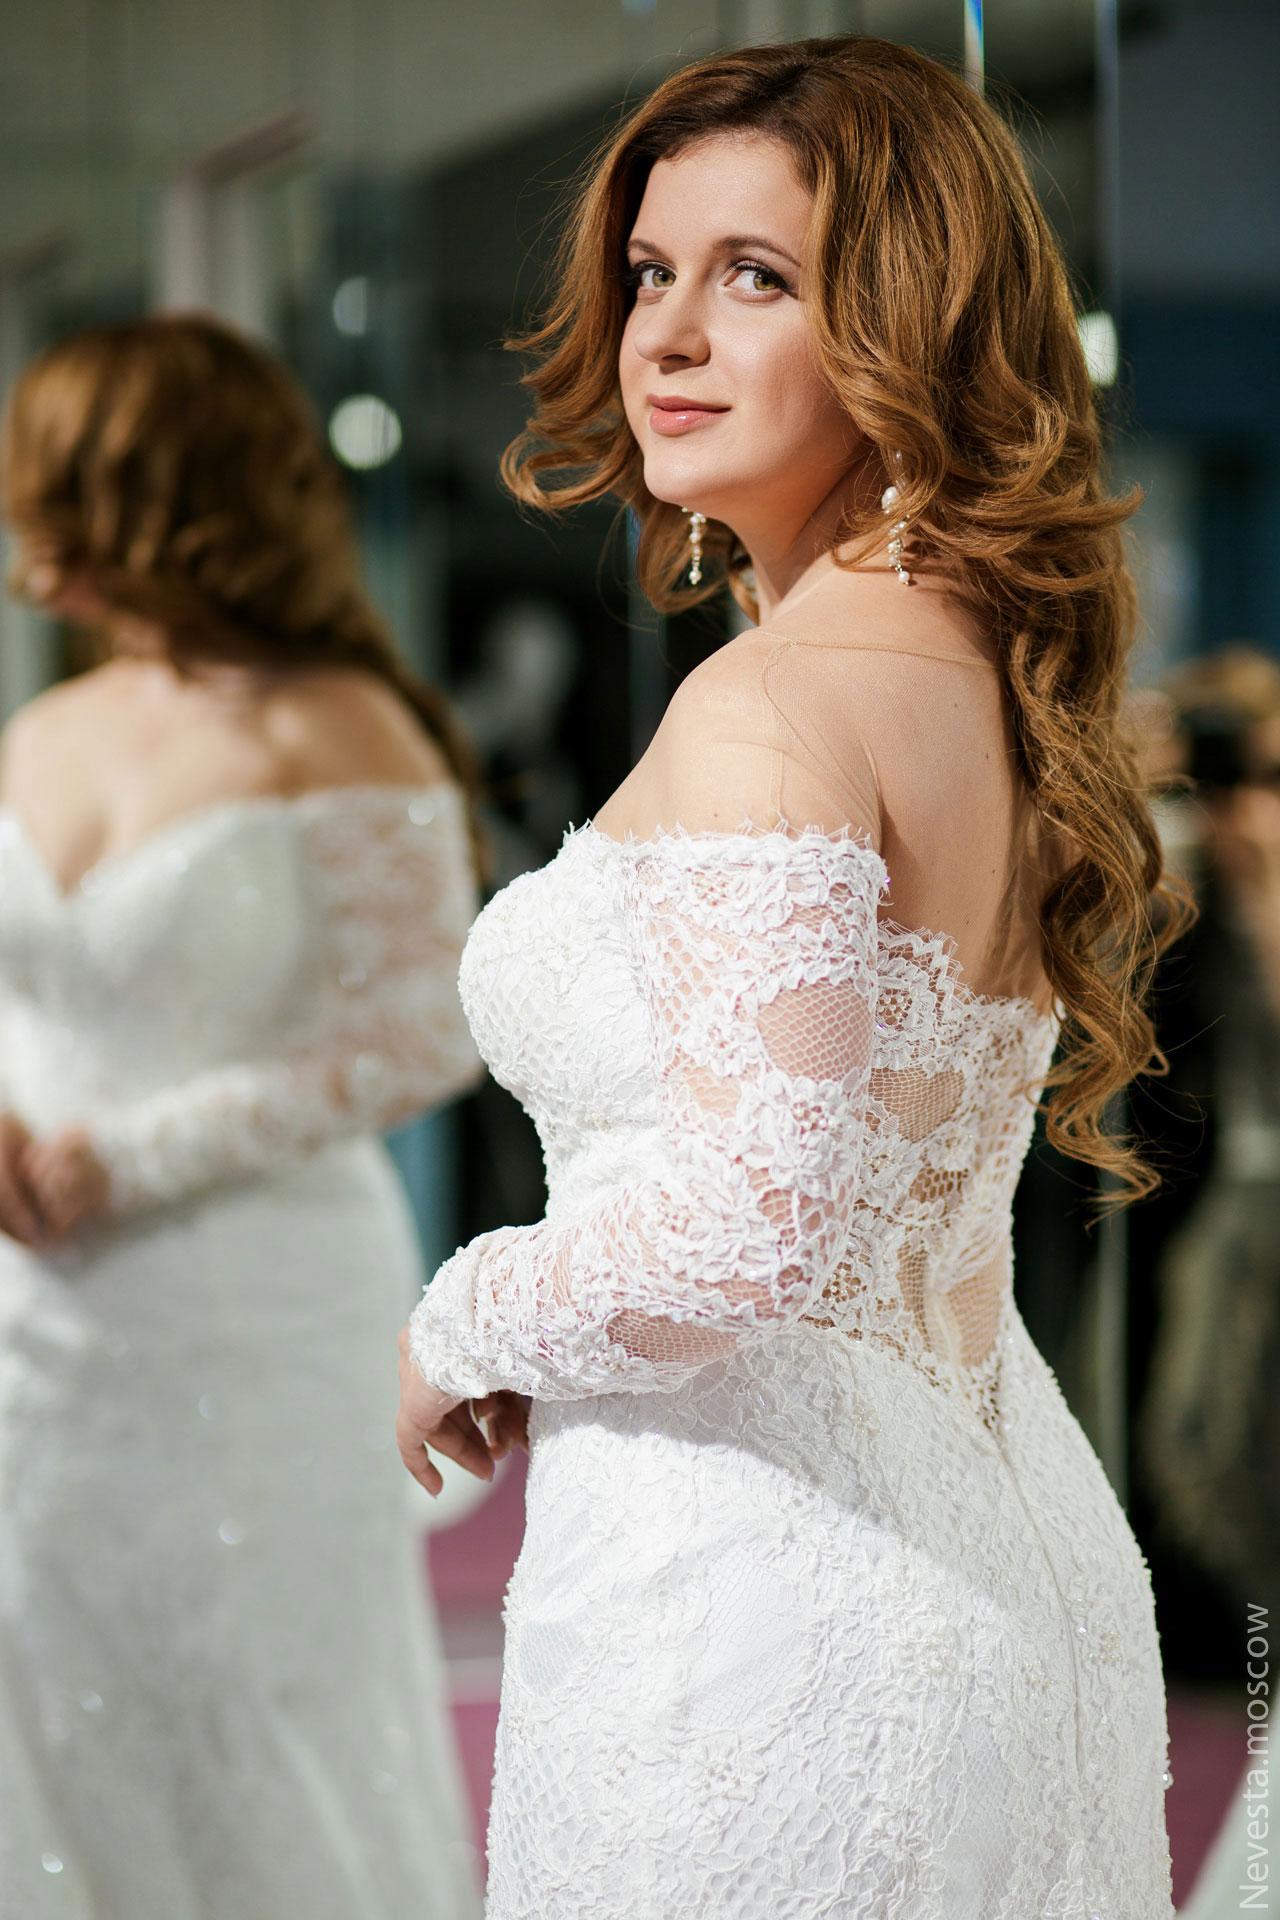 Анастасия Денисова выбирает образ для своей свадьбы фото 11